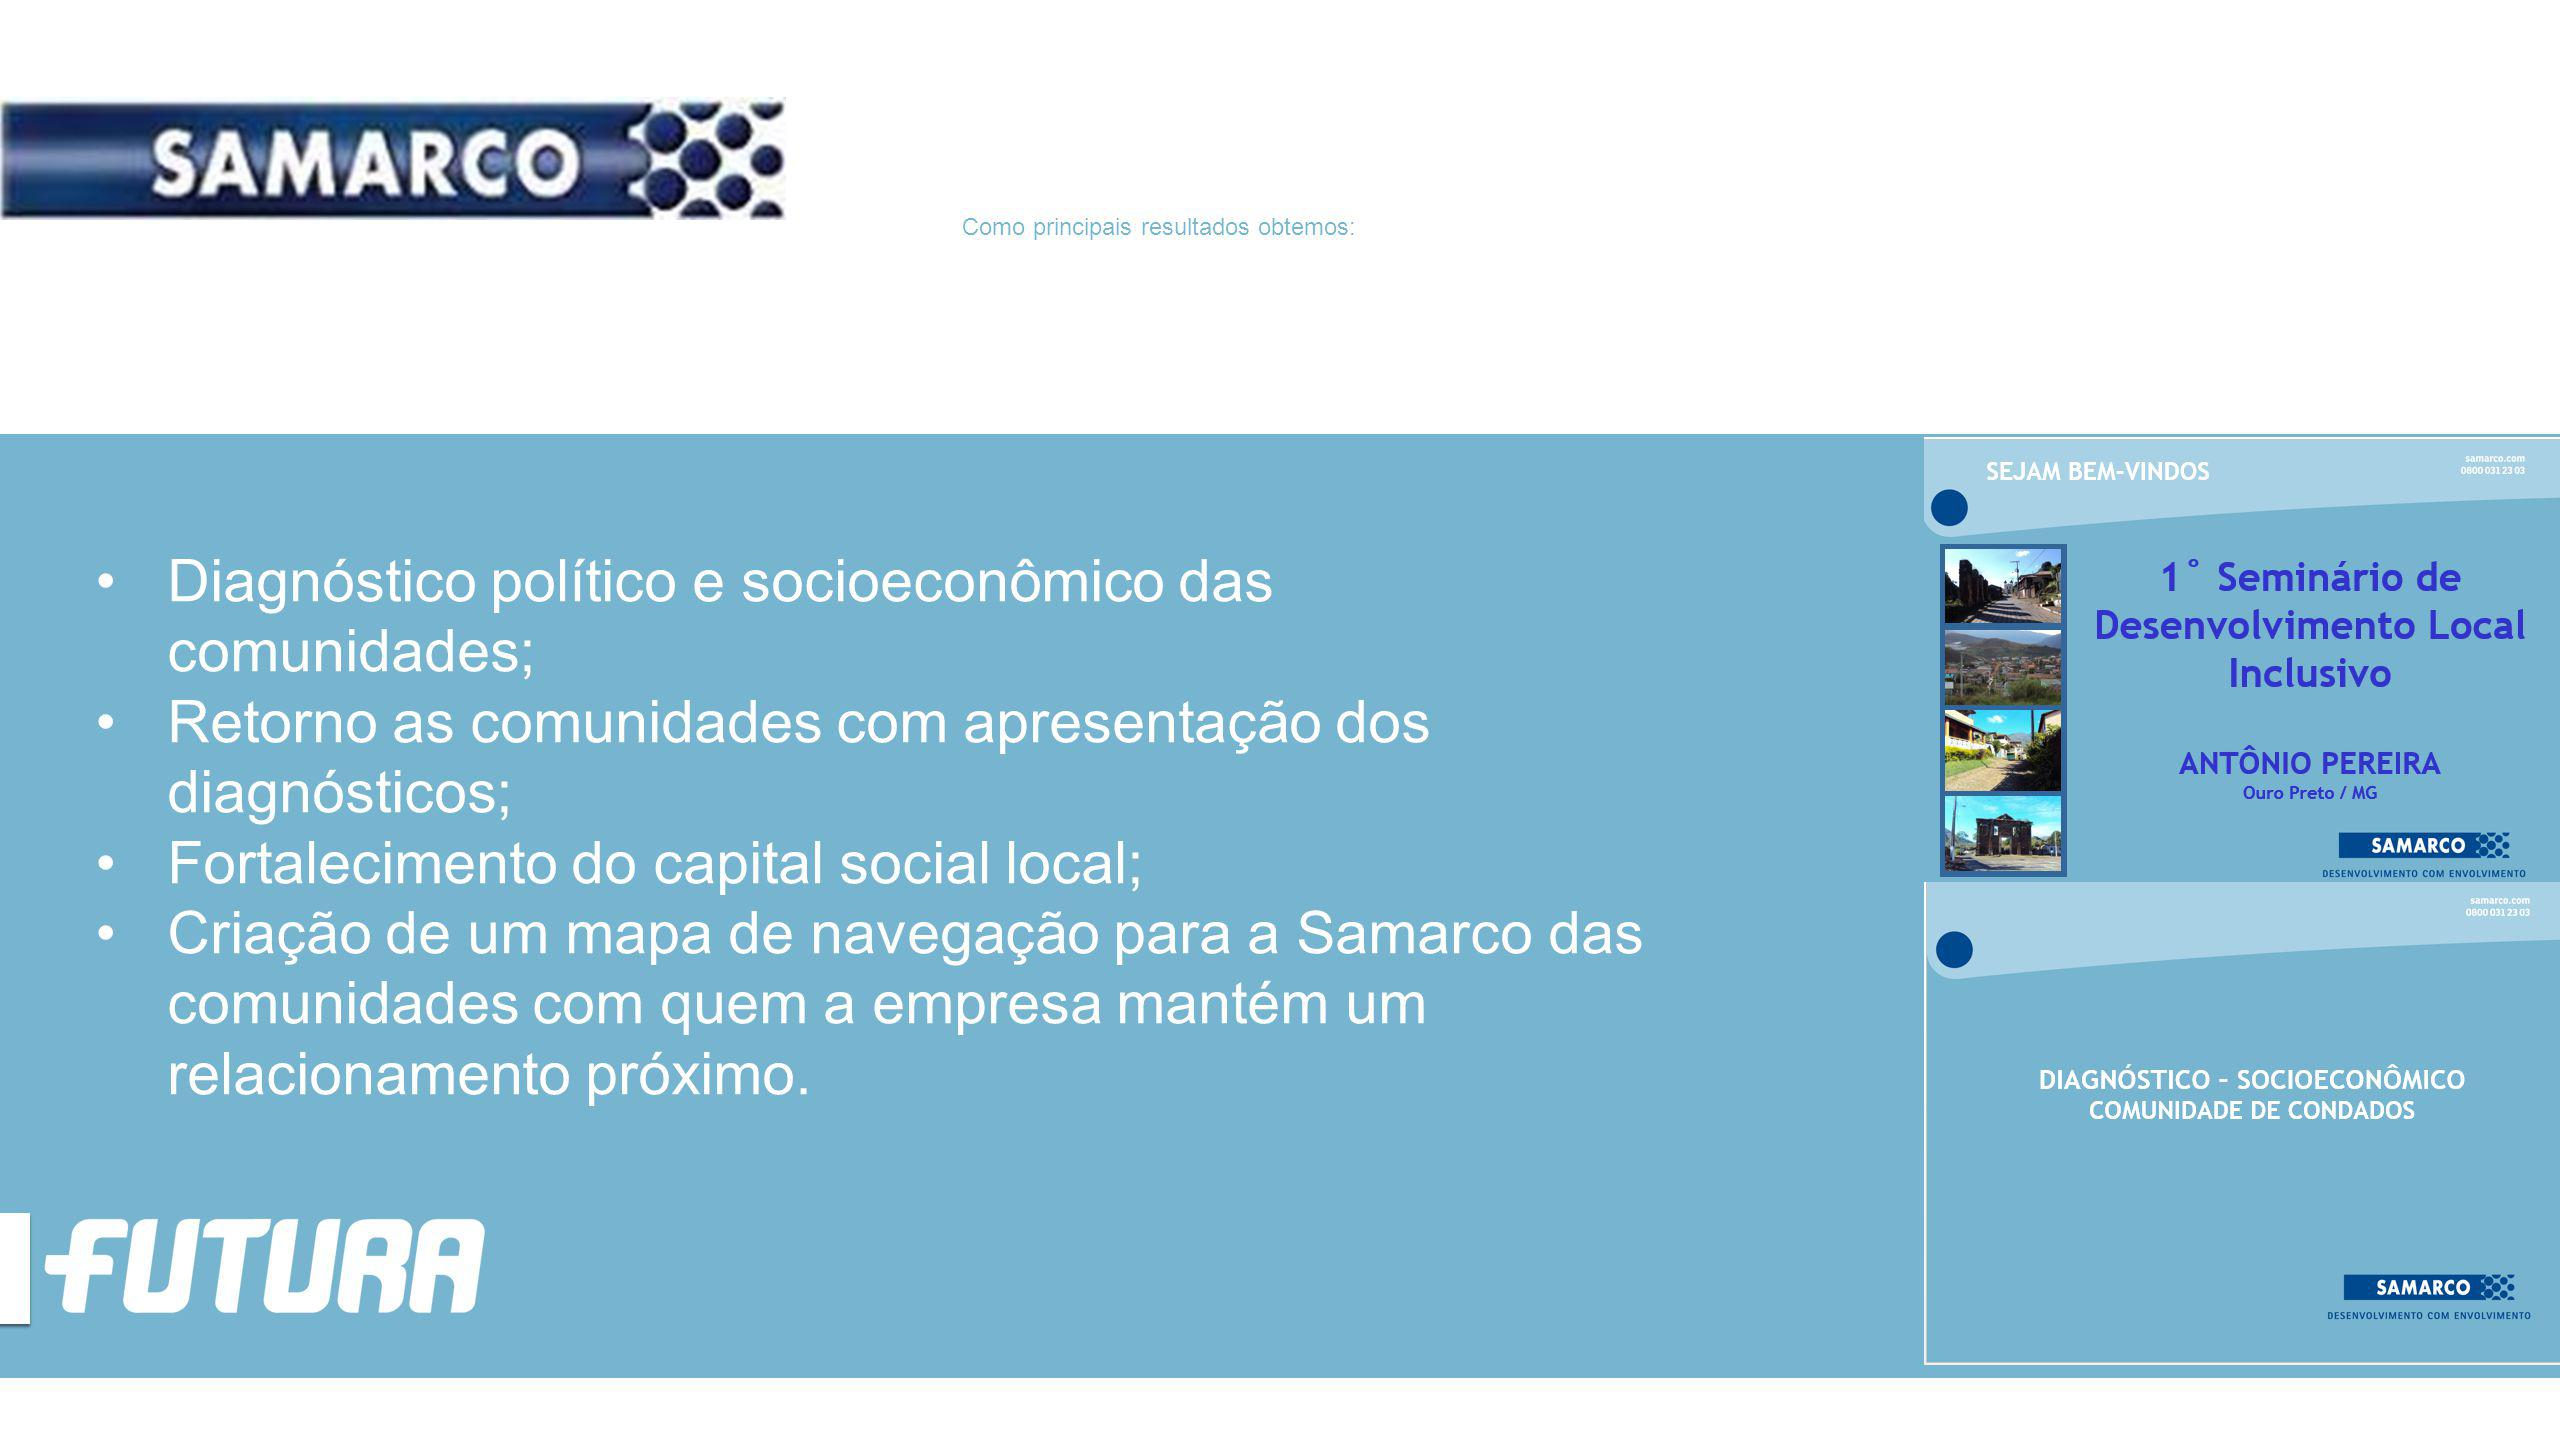 Diagnóstico político e socioeconômico das comunidades; Retorno as comunidades com apresentação dos diagnósticos; Fortalecimento do capital social loca